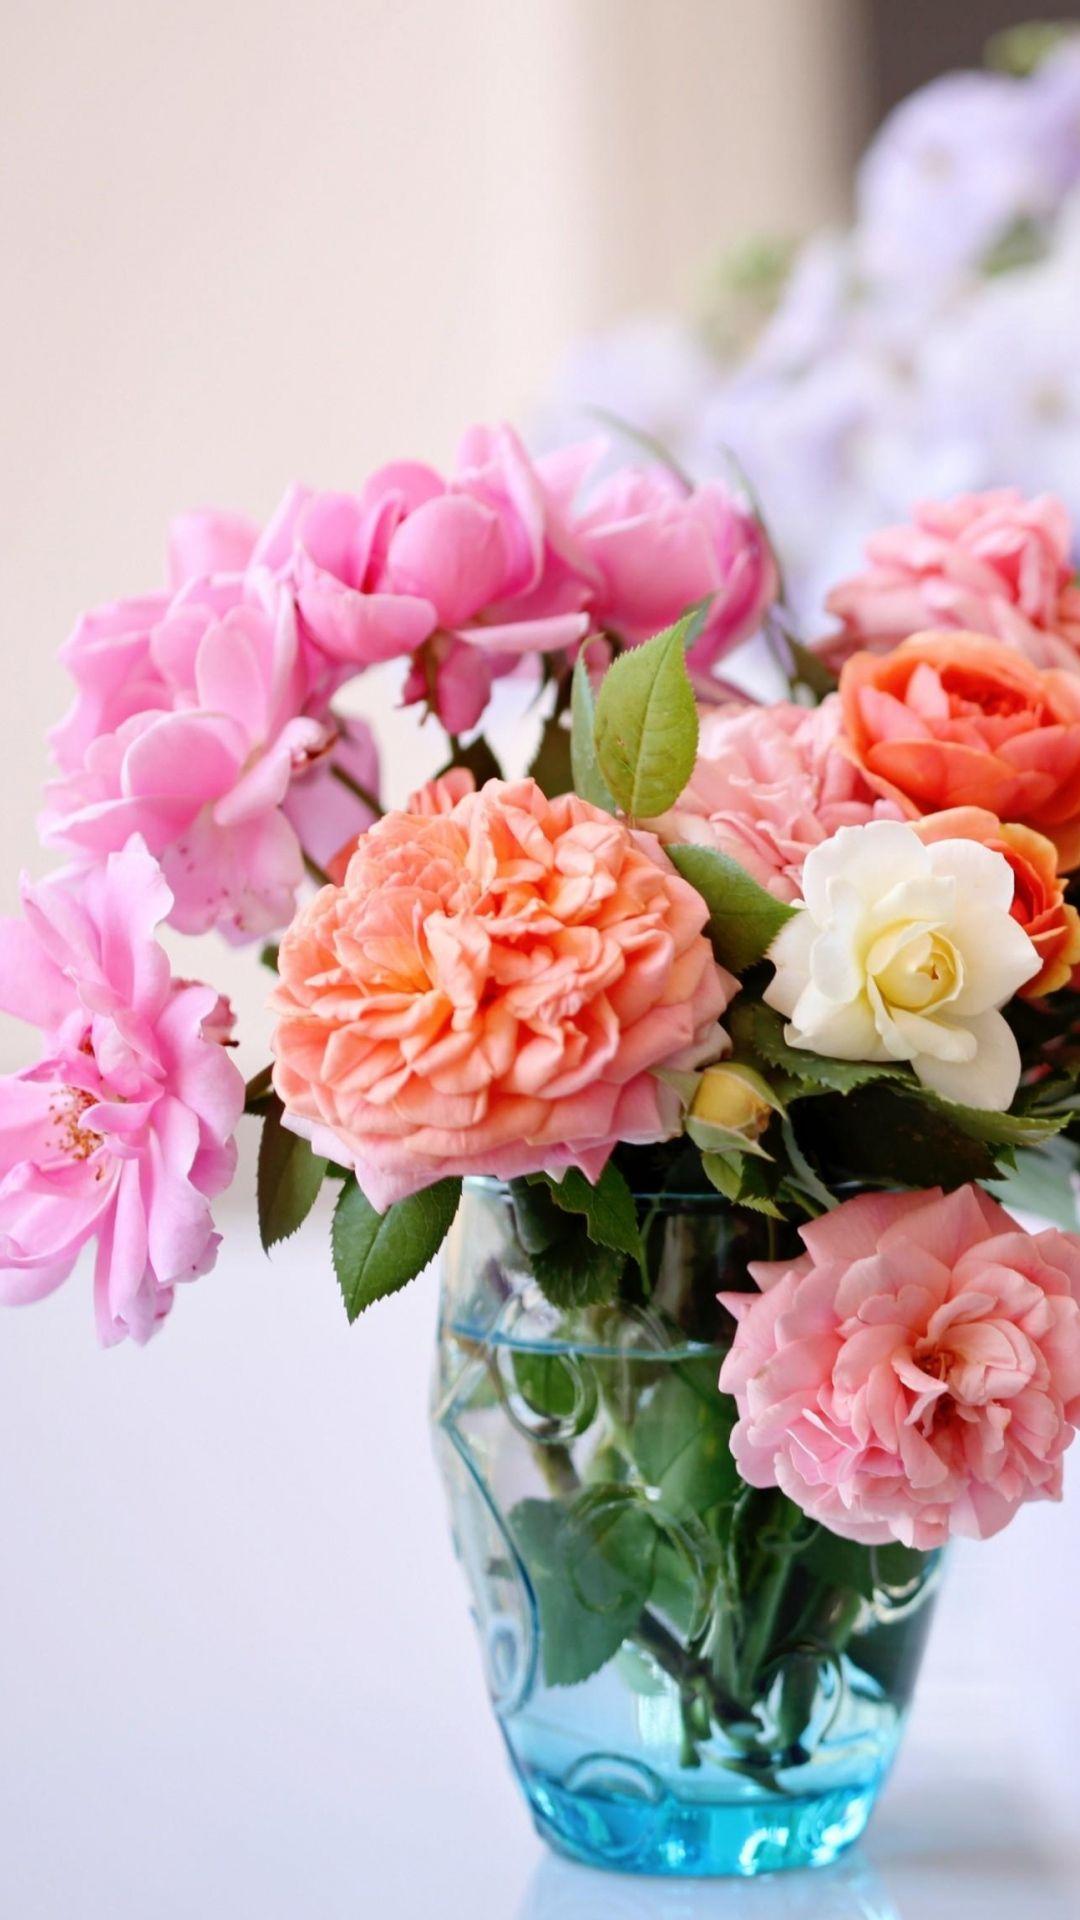 Download Wallpaper 1080x1920 roses, flowers, garden